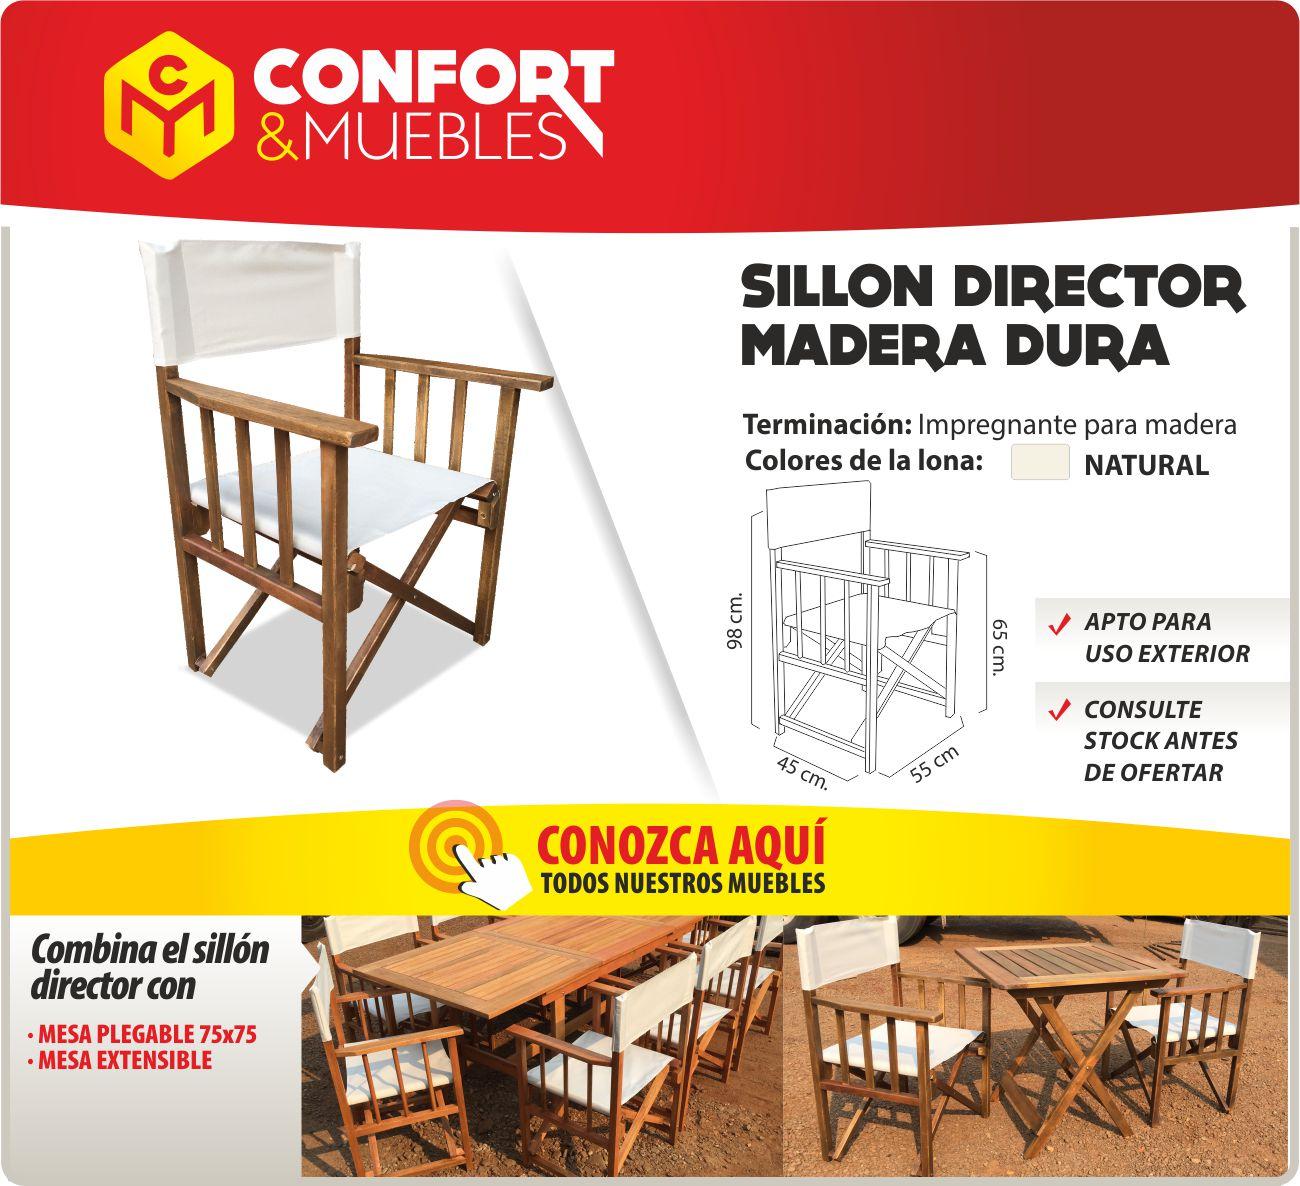 Sill n director de madera lapacho r stico artesanal exterior confort y muebles - Confort y muebles ...